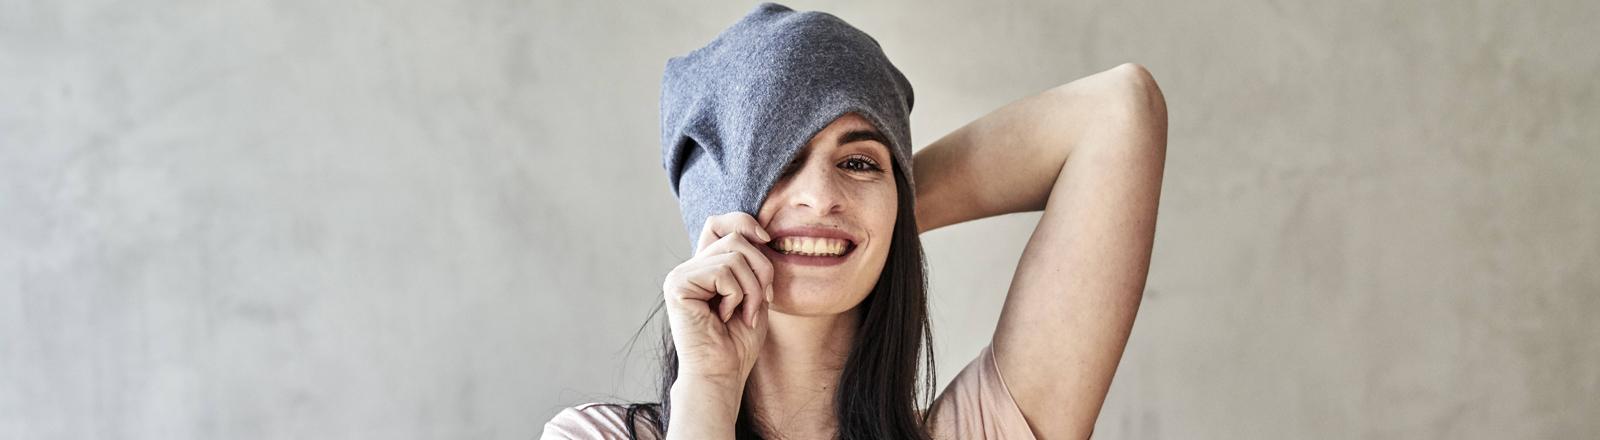 Eine junge Frau lächelt und zieht sich eine Mütze über den Kopf